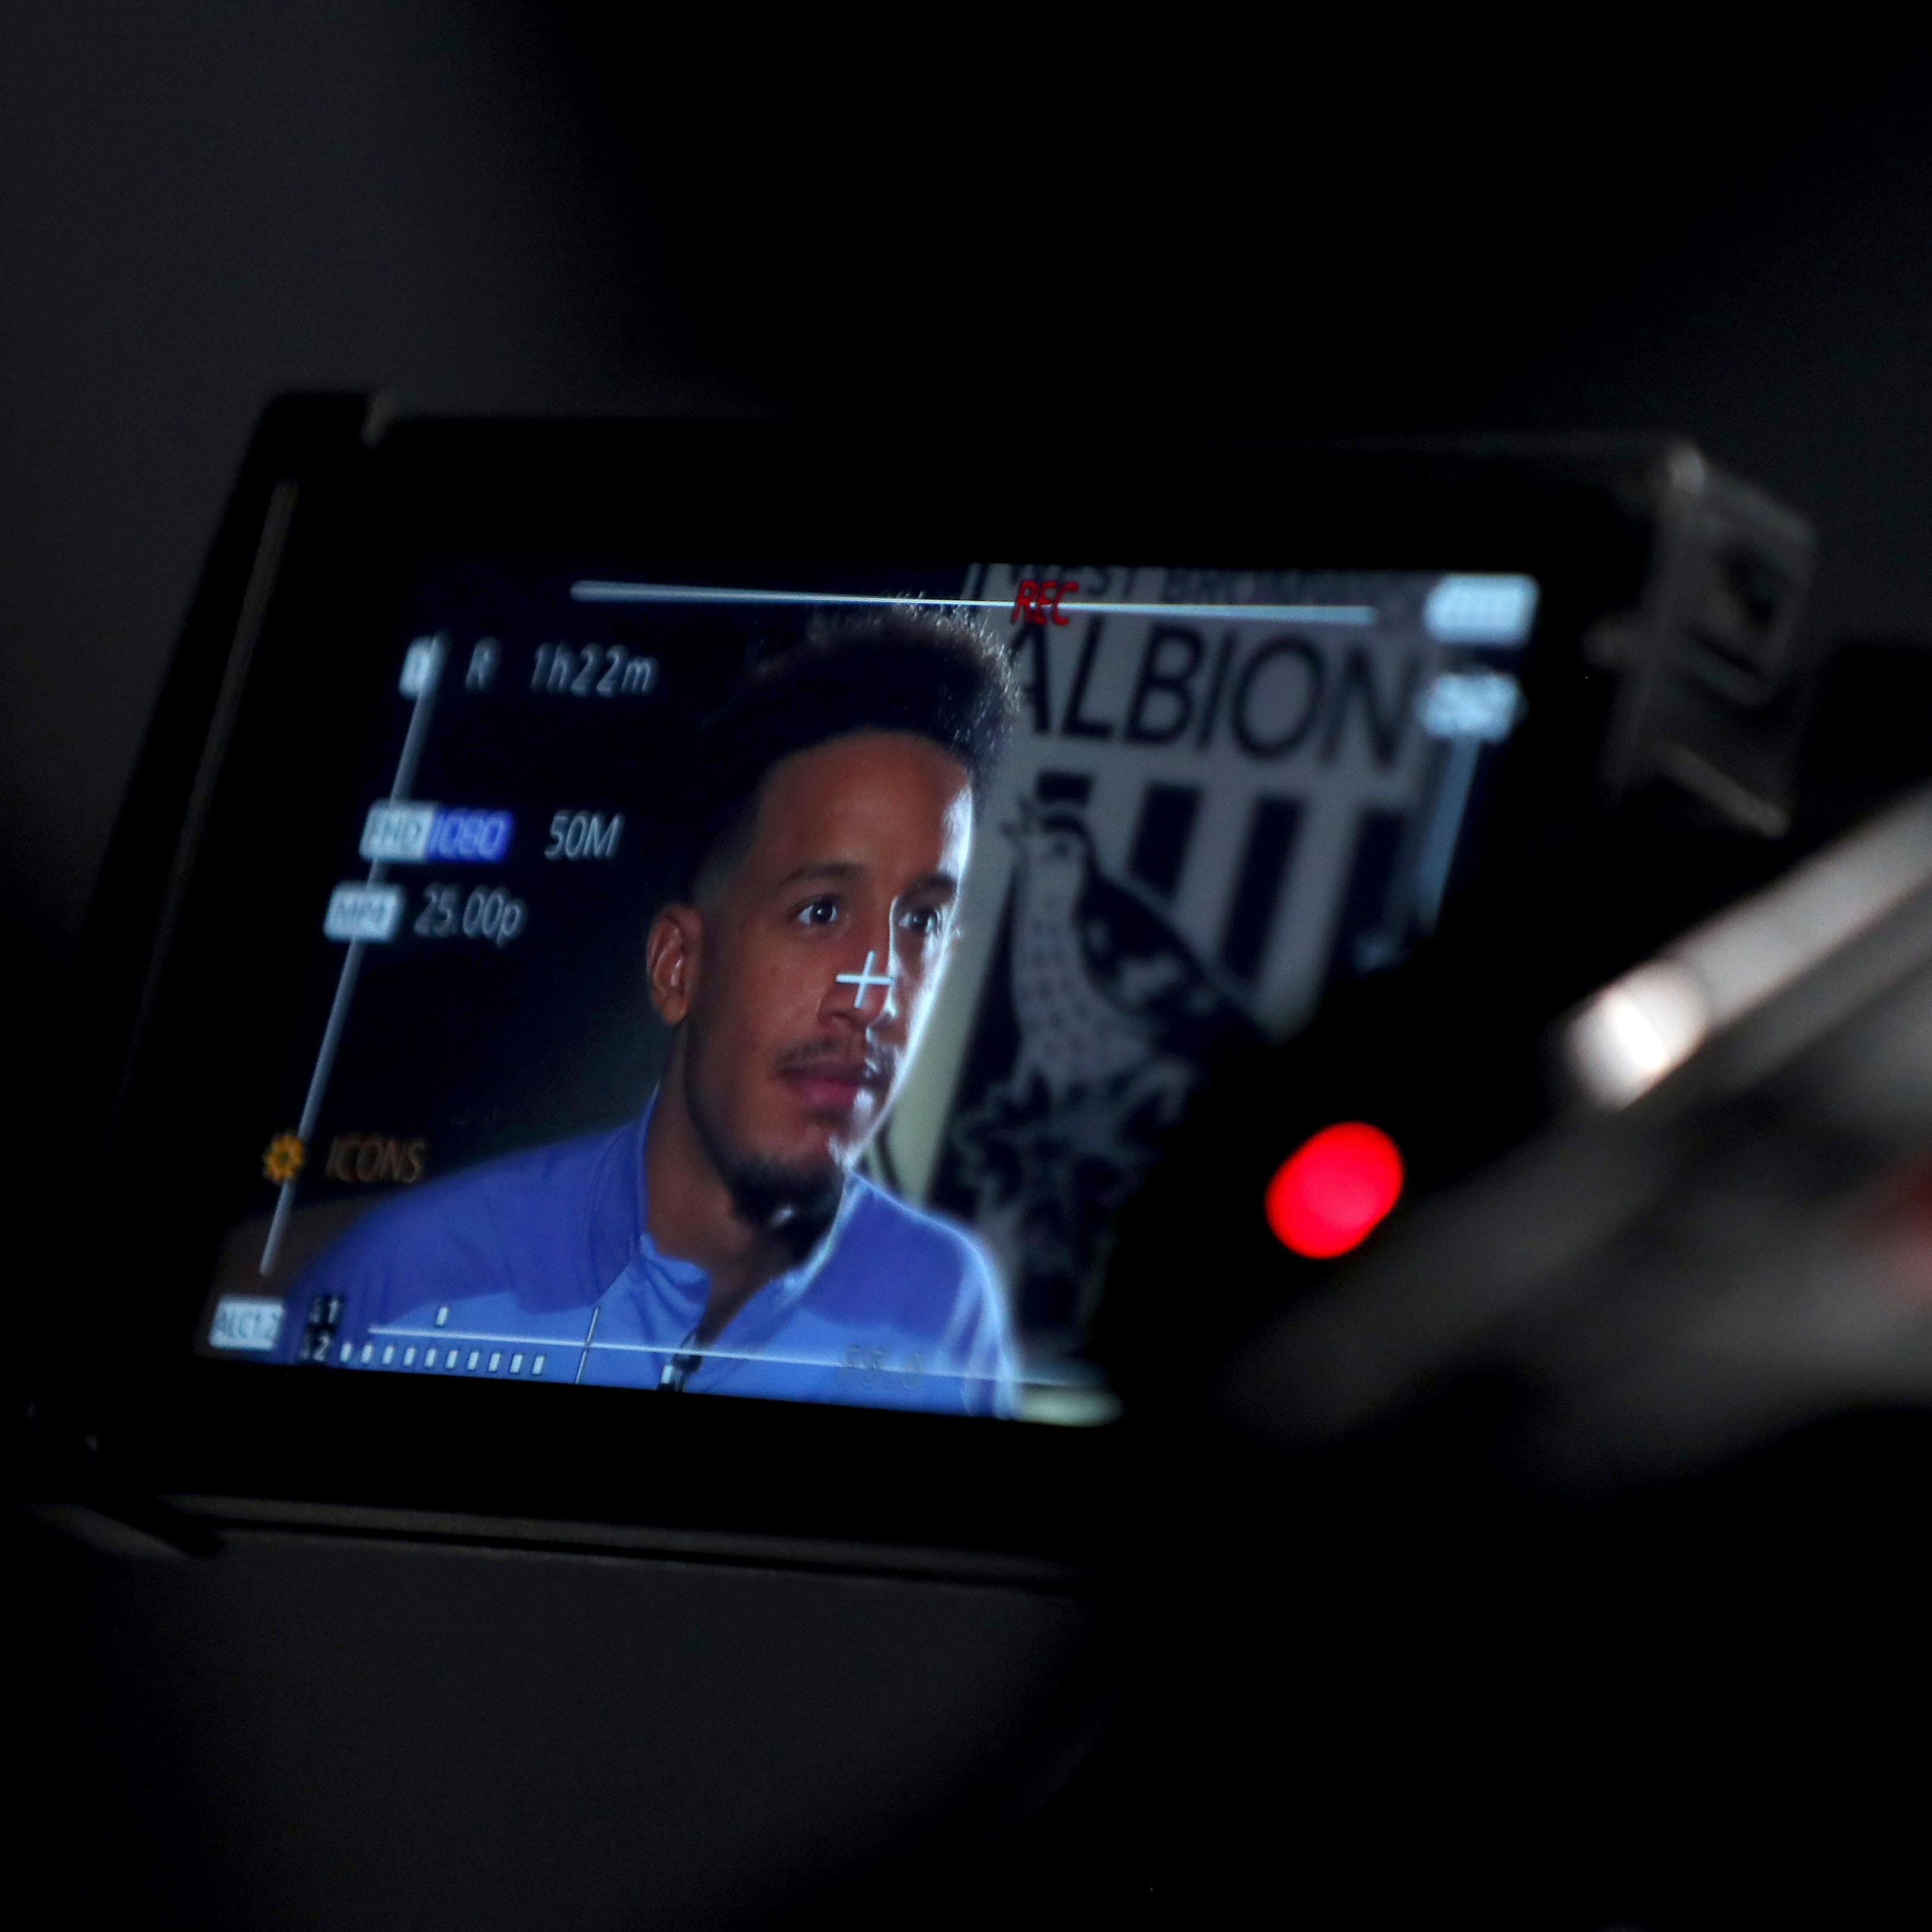 Callum Robinson in front of camera